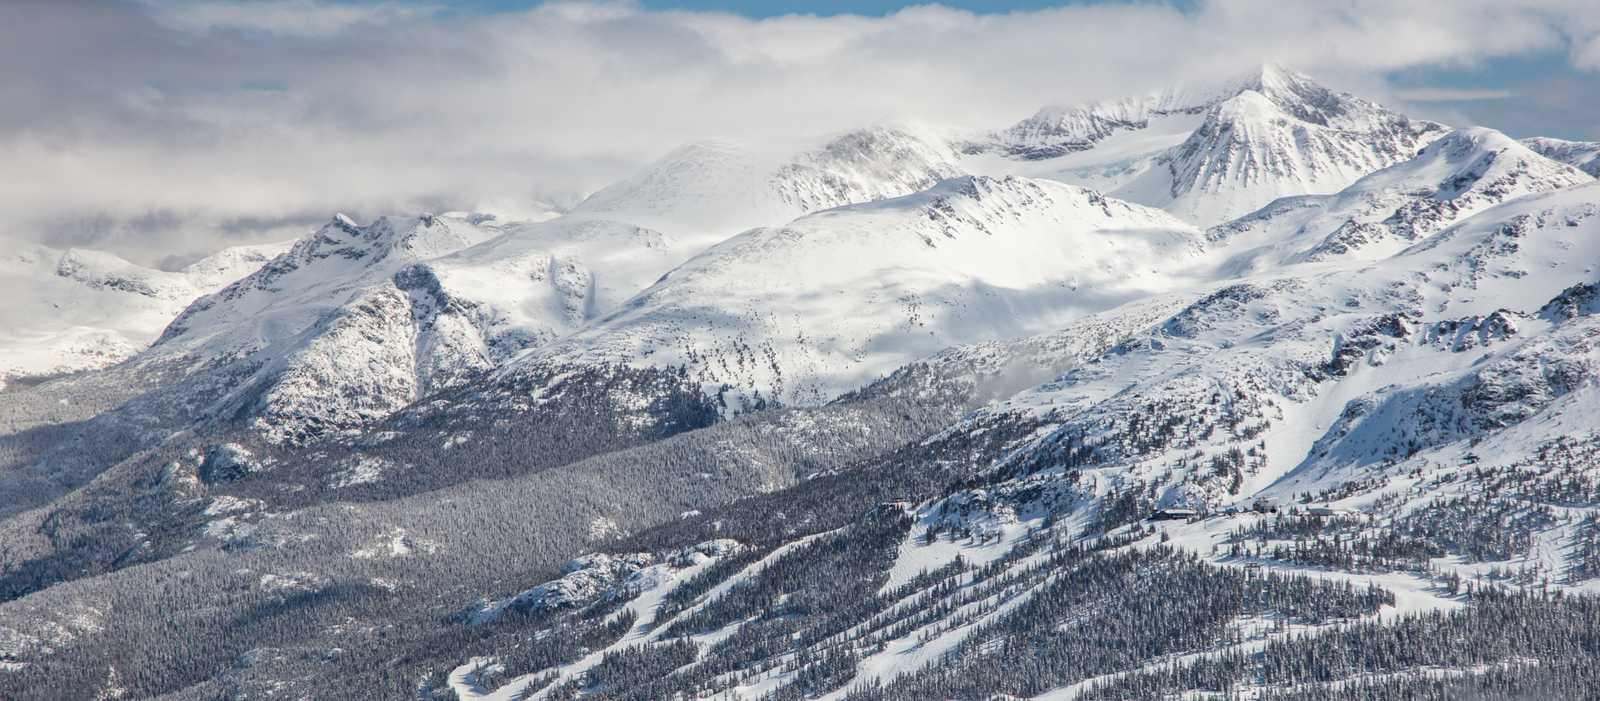 Schnee und Sonnenschein im Whistler Blackcomb Skigebiet